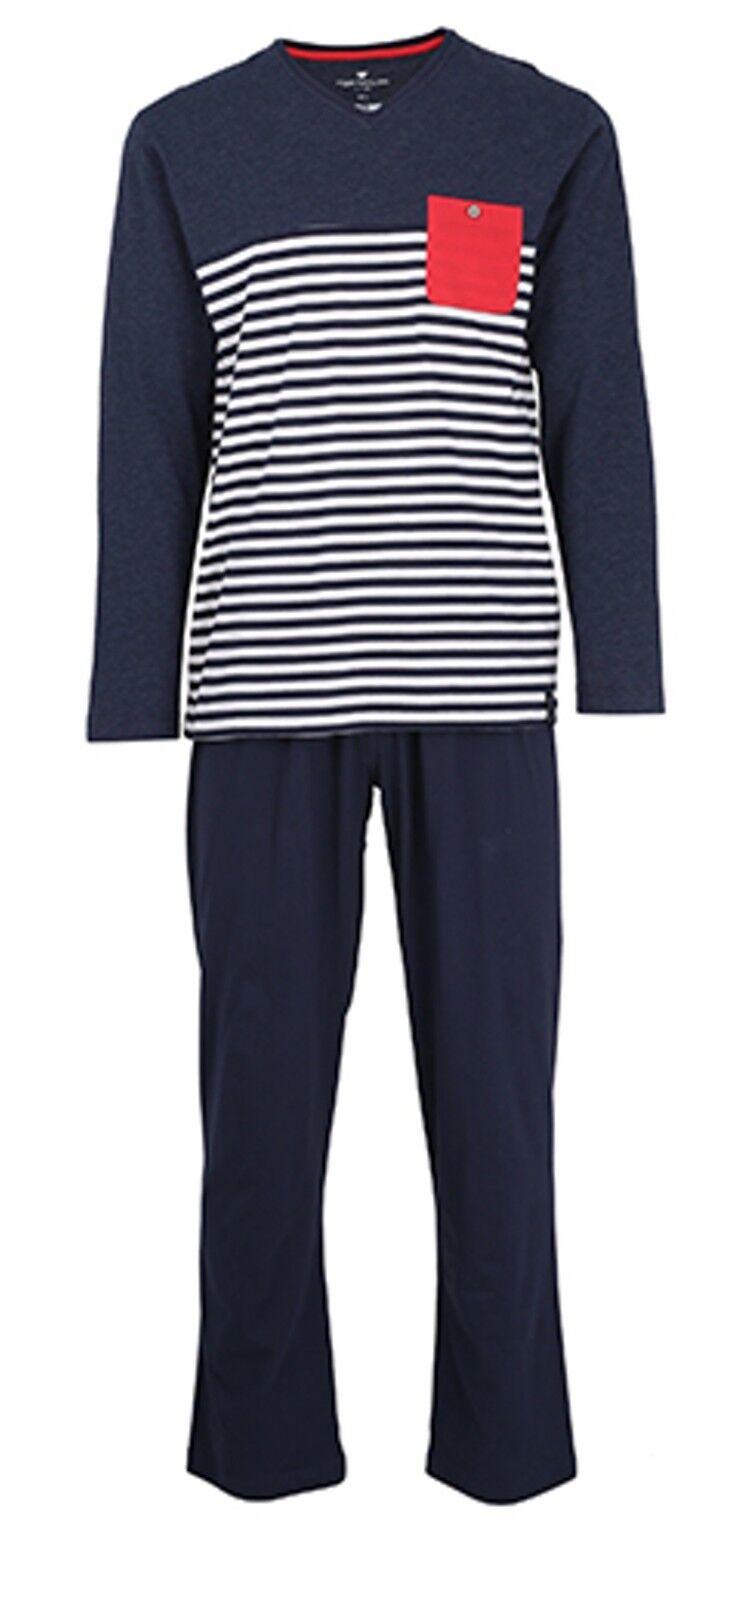 Tom Tailor Herren Schlafanzug Pyjama 70970 632